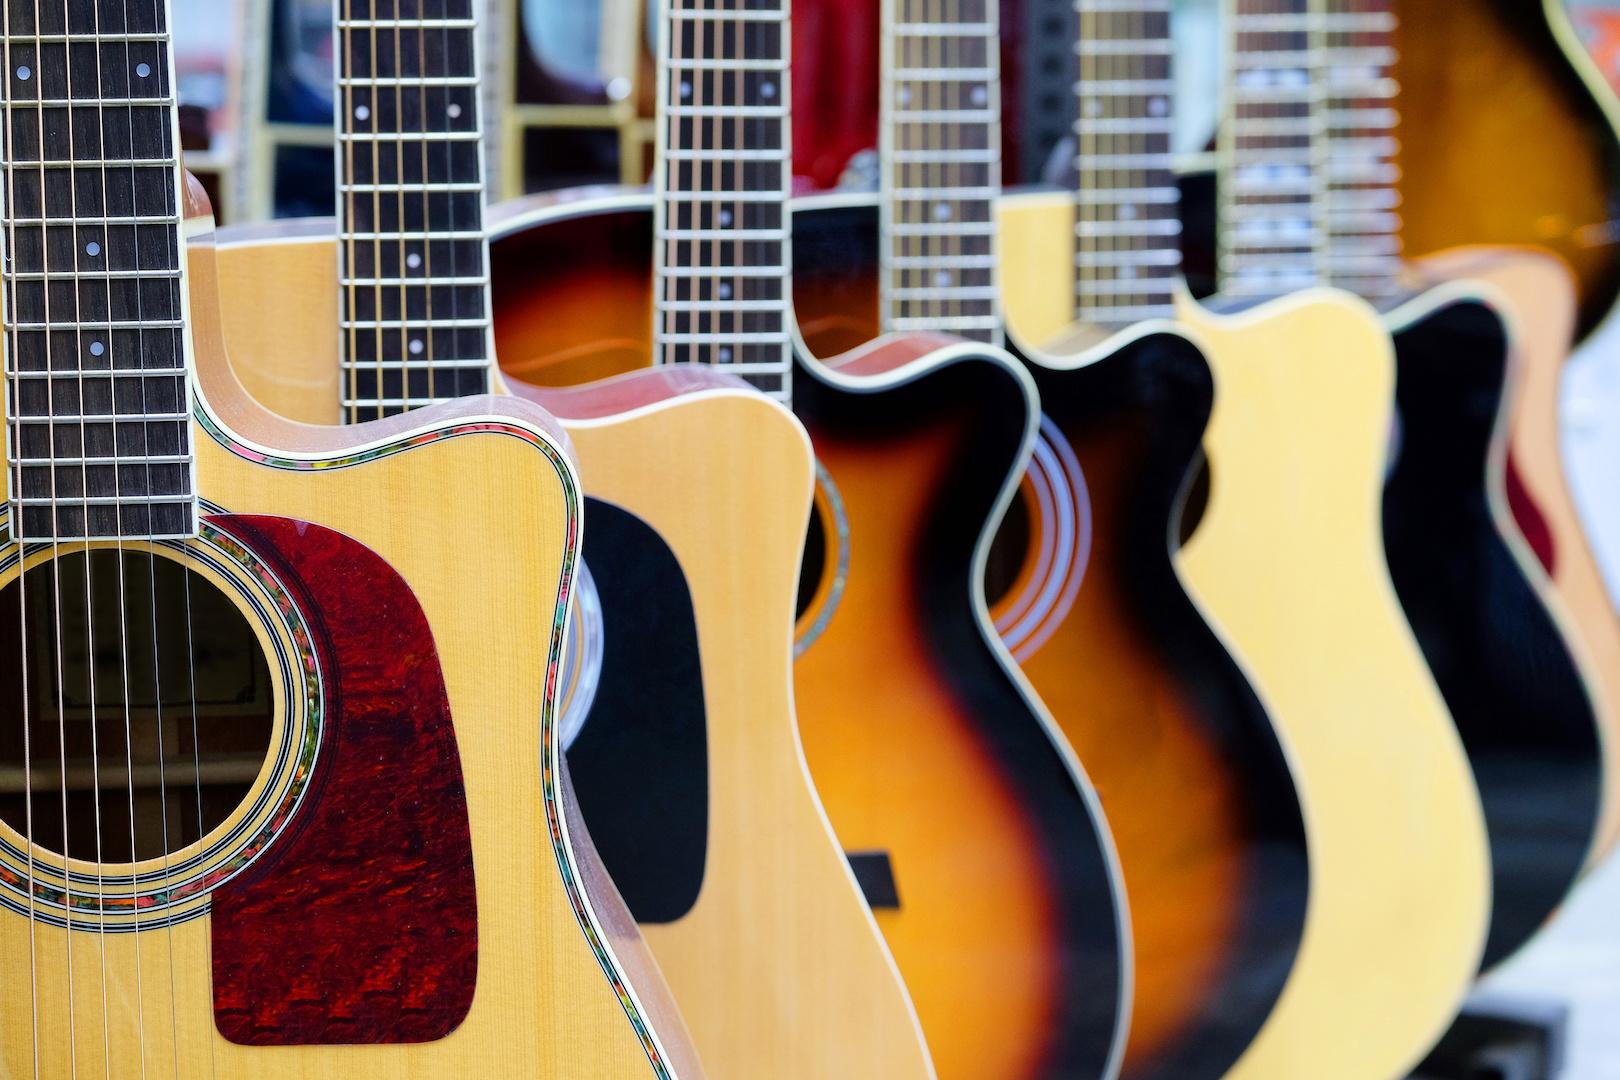 5 best affordable acoustic guitars for beginners 2016 uberchord app. Black Bedroom Furniture Sets. Home Design Ideas